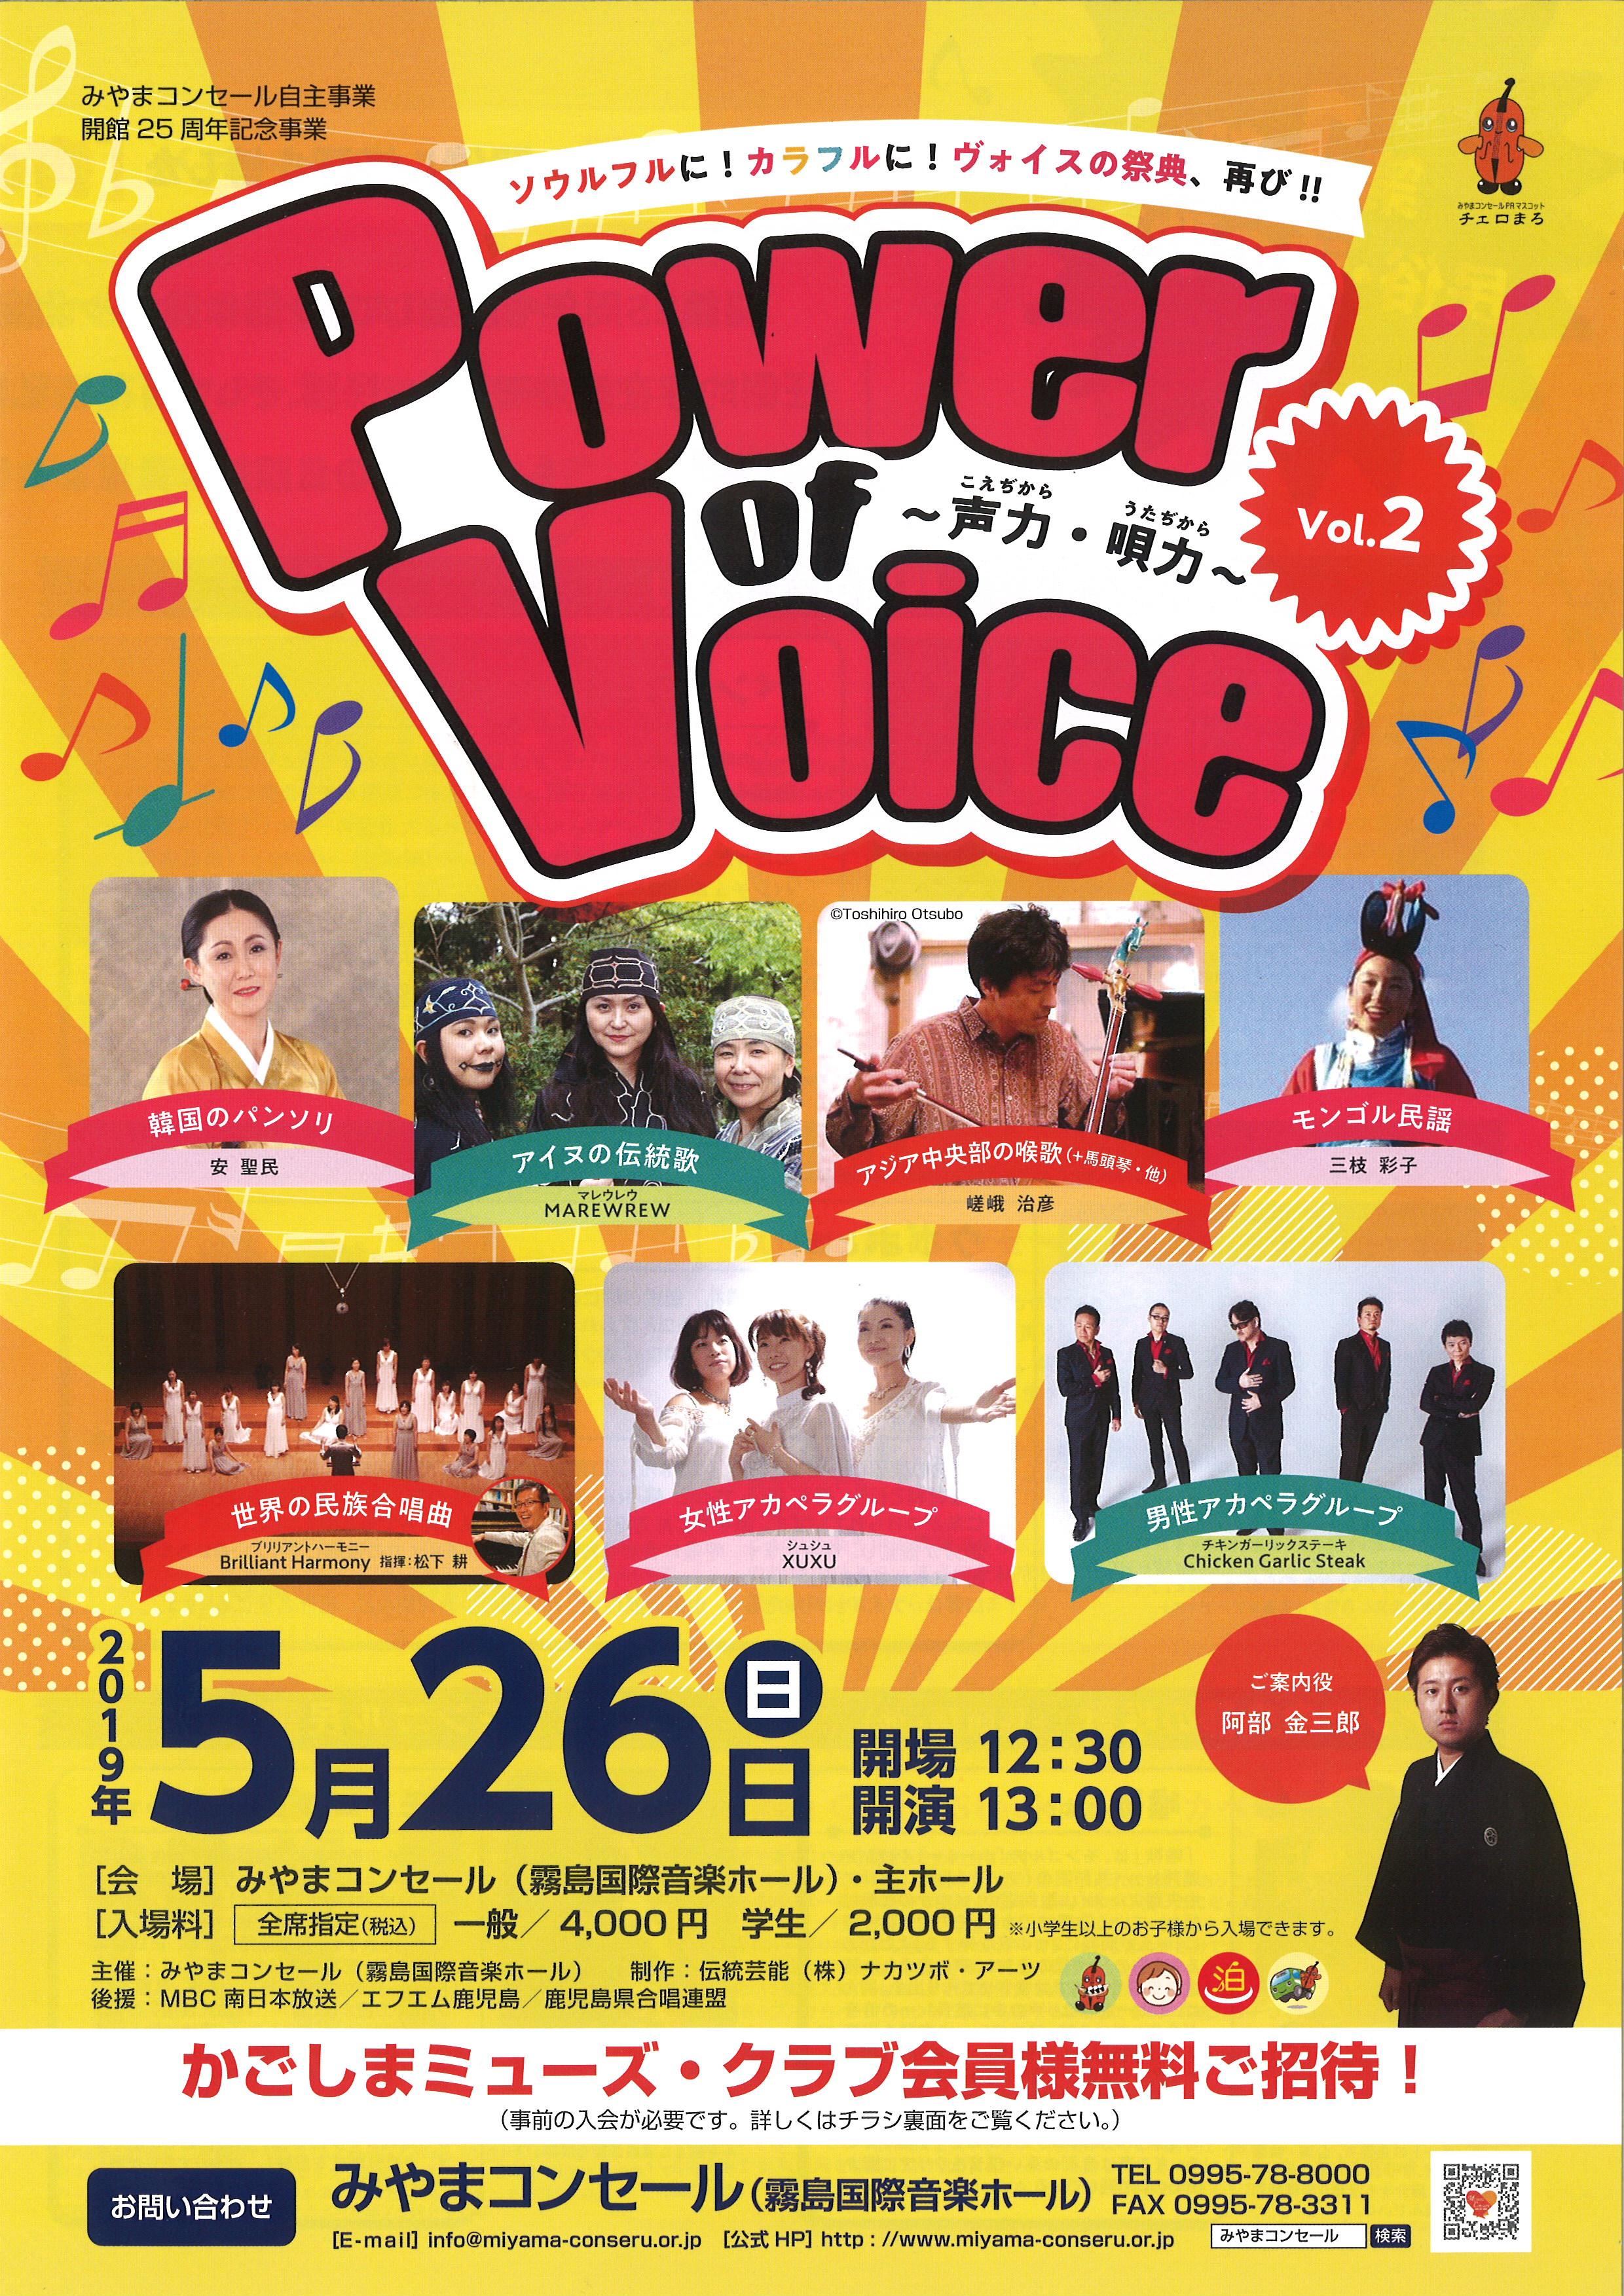 開館25周年記念事業 Power of Voice~声力・唄力~vol.2